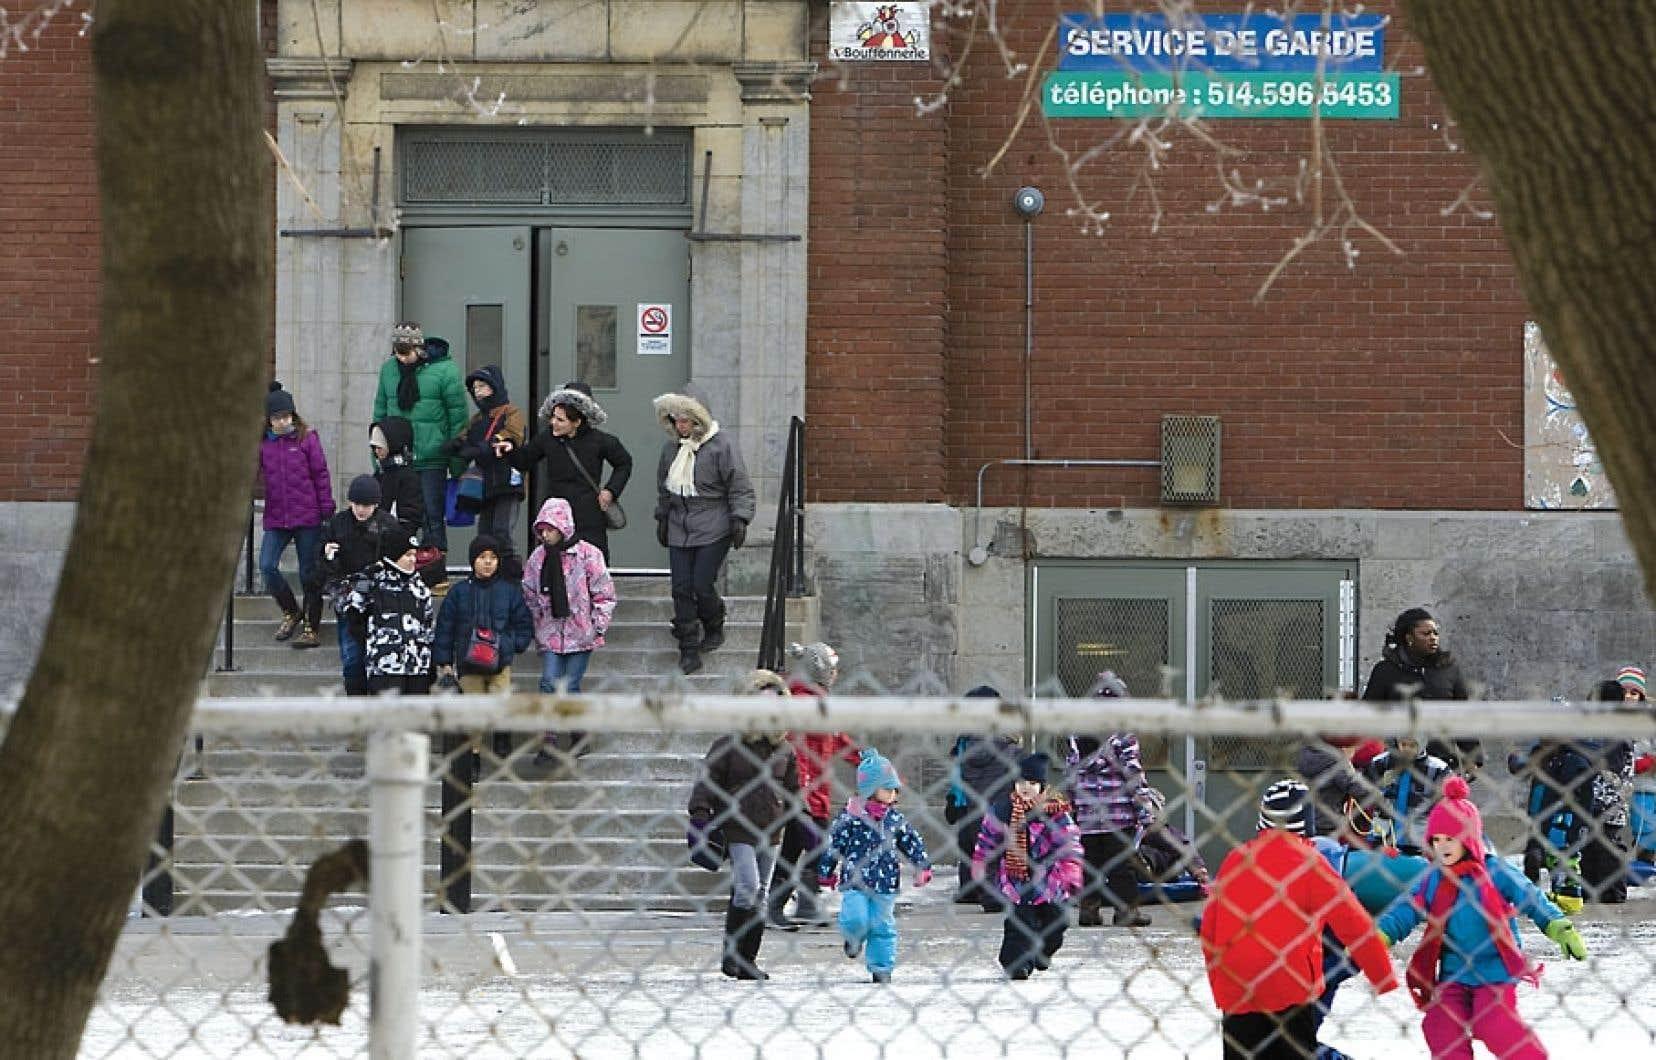 L'école primaire Saint-Gérard, un cas urgent désigné par le gouvernement, avait déjà reçu 10 millions de dollars pour la reconstruction complète.